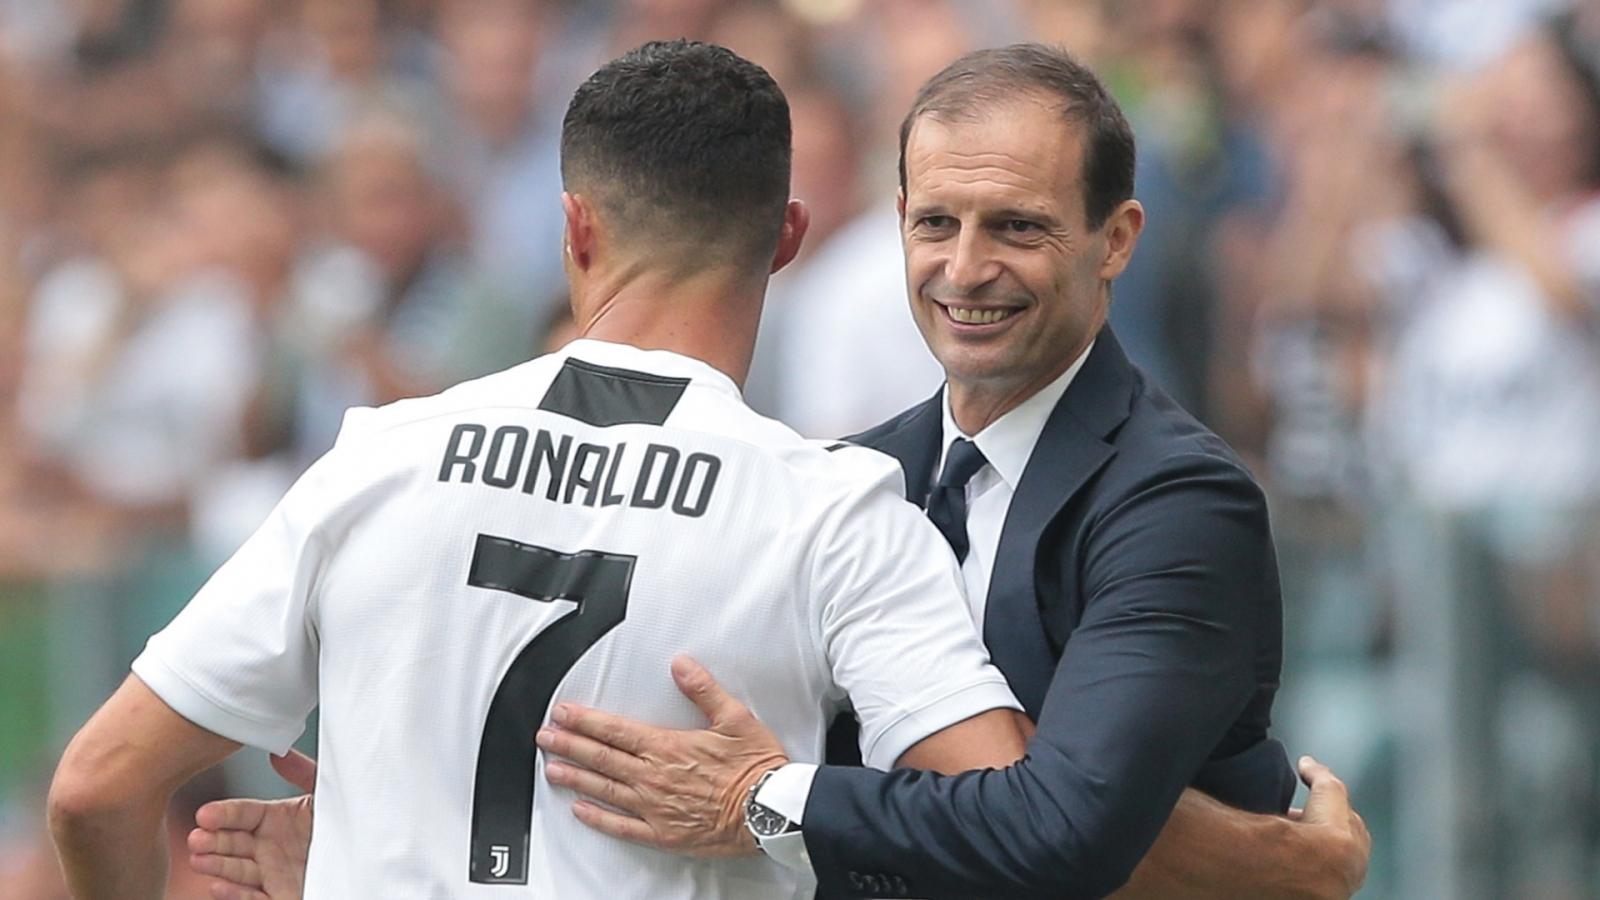 """RỘ TIN ĐỒN Ronaldo sắp """"tái ngộ"""" thầy cũ Allegri ở Juventus?"""